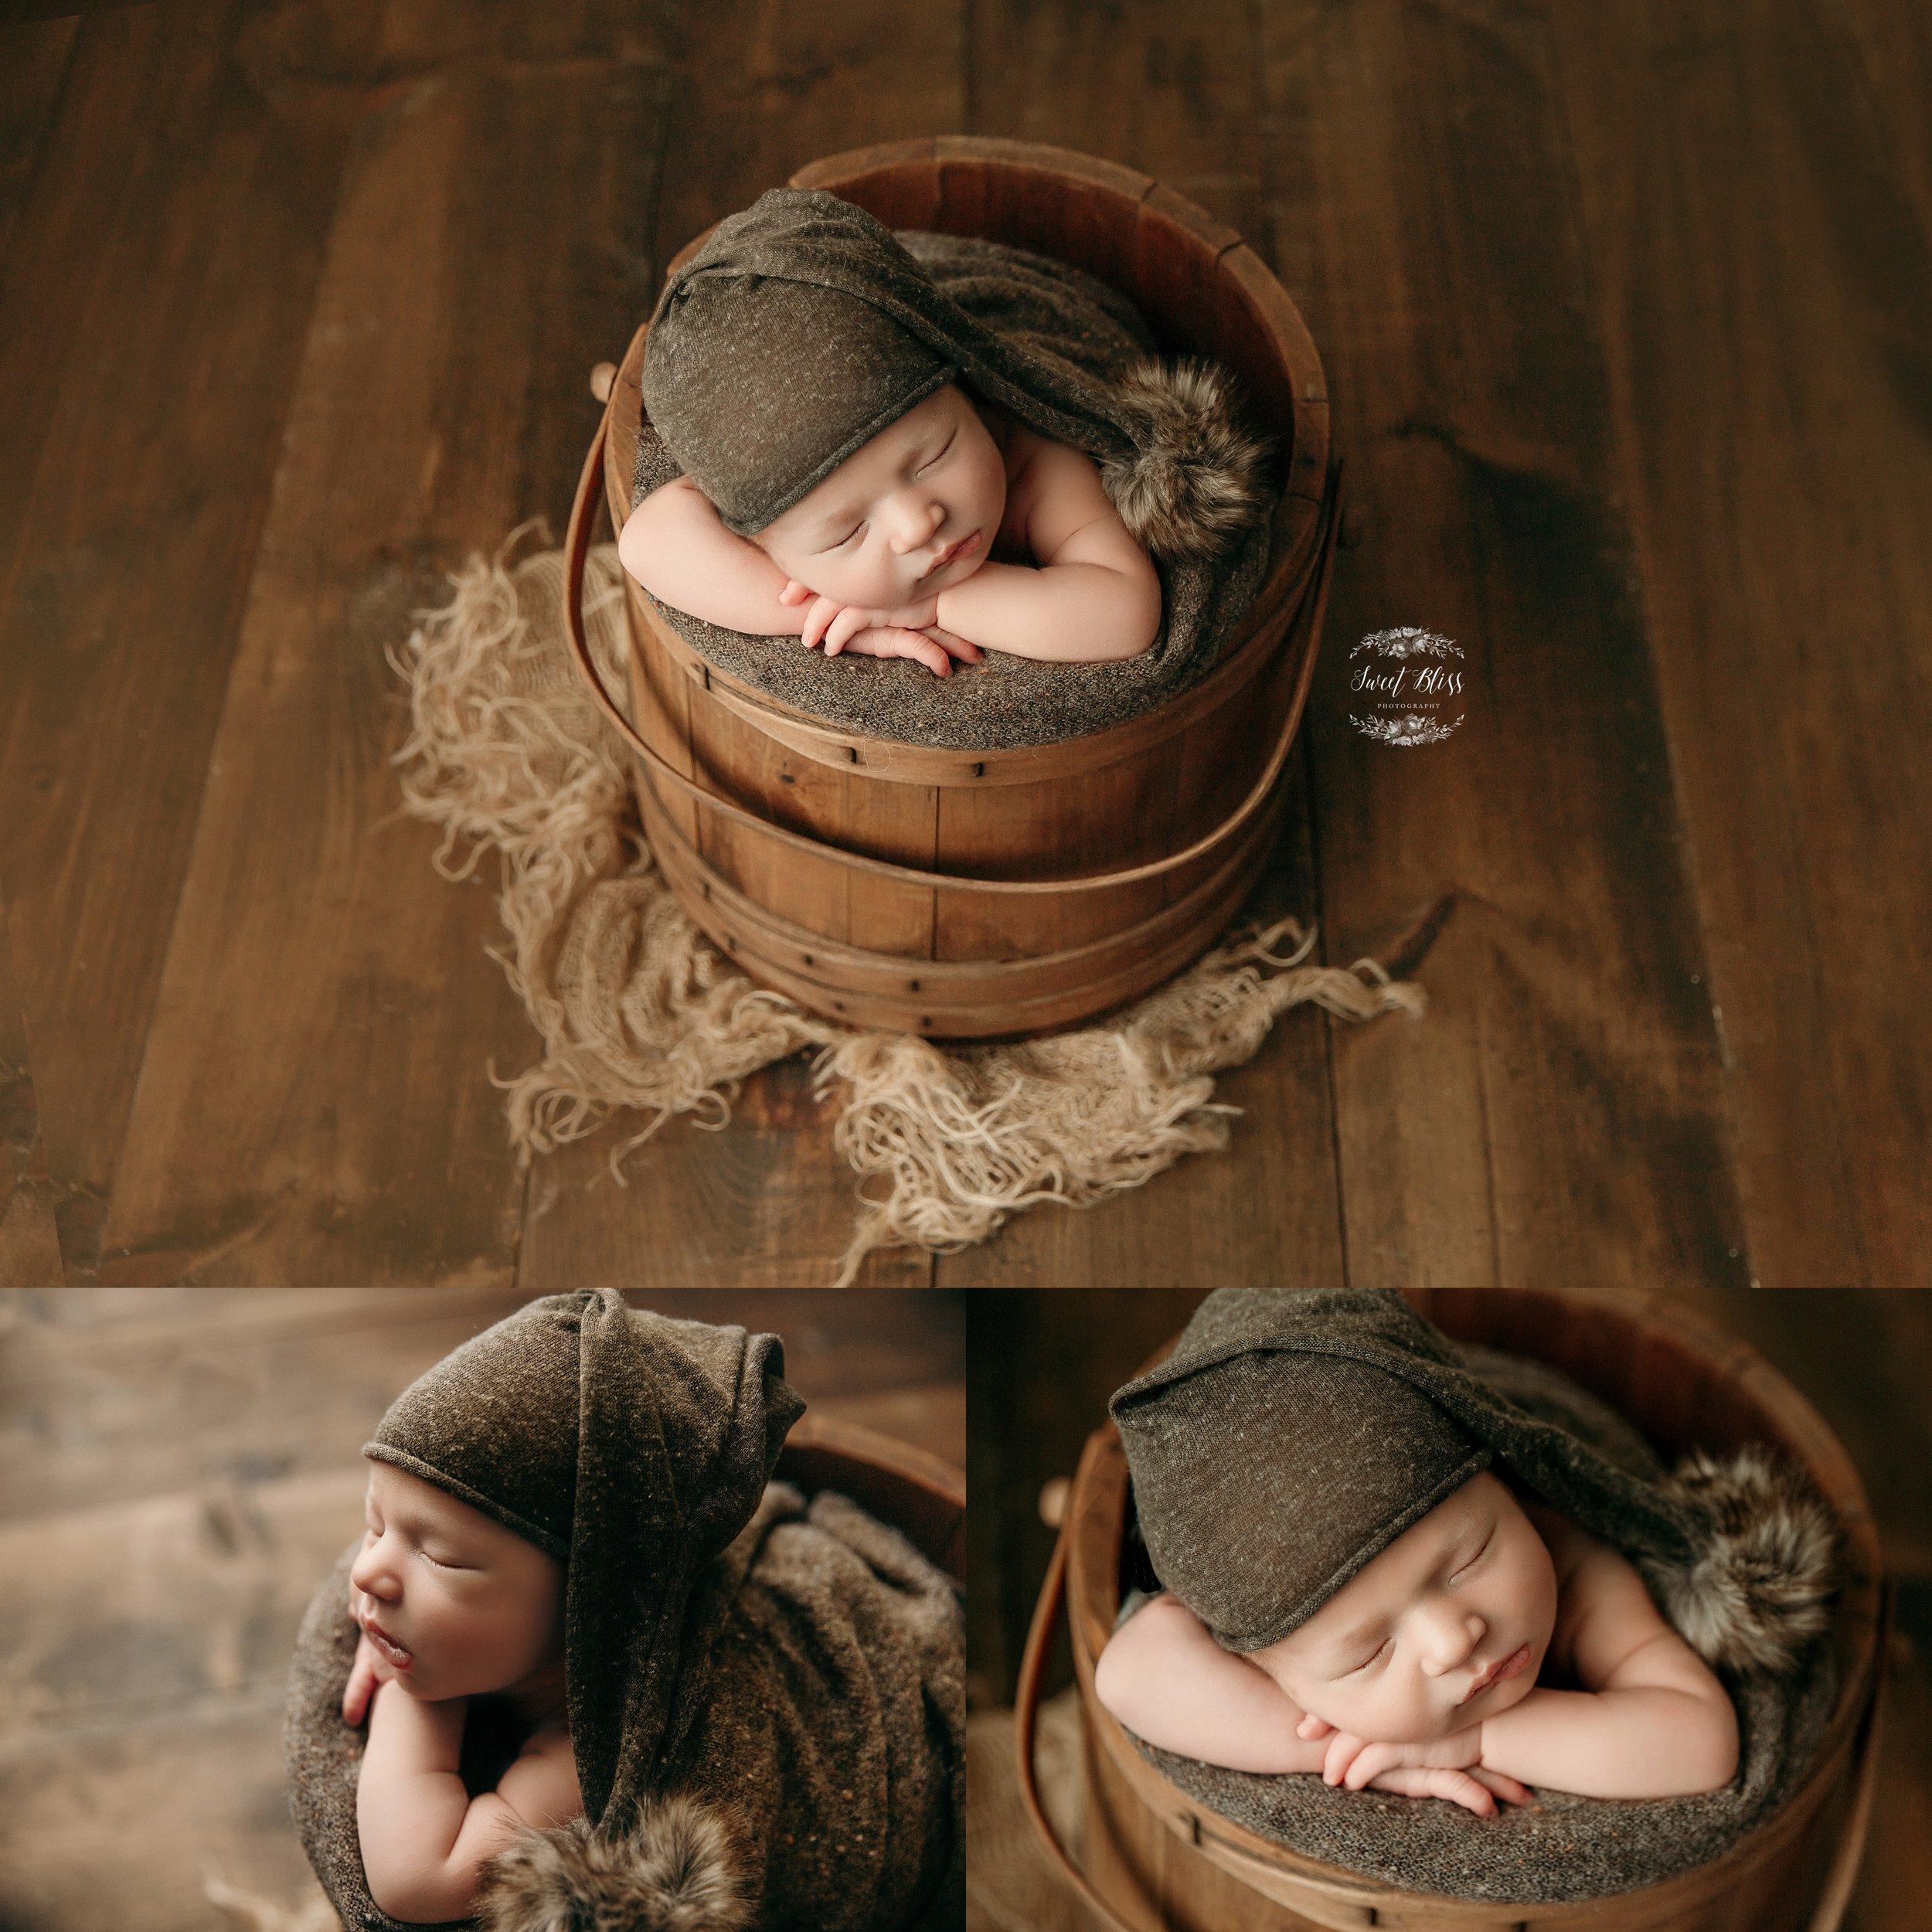 newbornphotographermaryland_newbornbaltimore_sweetblissphoto-29.jpg